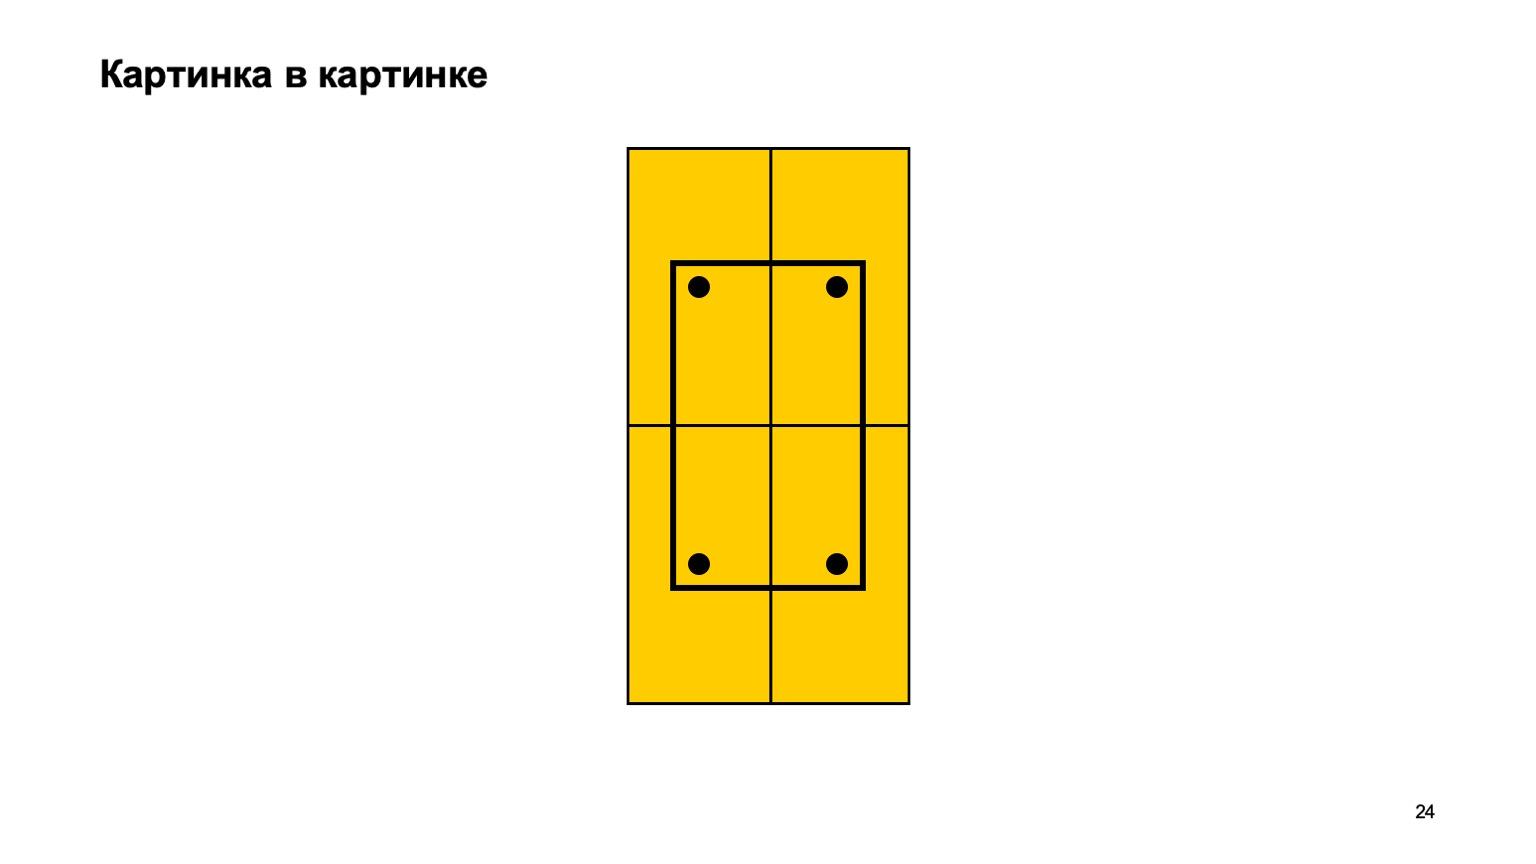 Мобильная разработка — это просто и скучно? Доклад Яндекса - 24